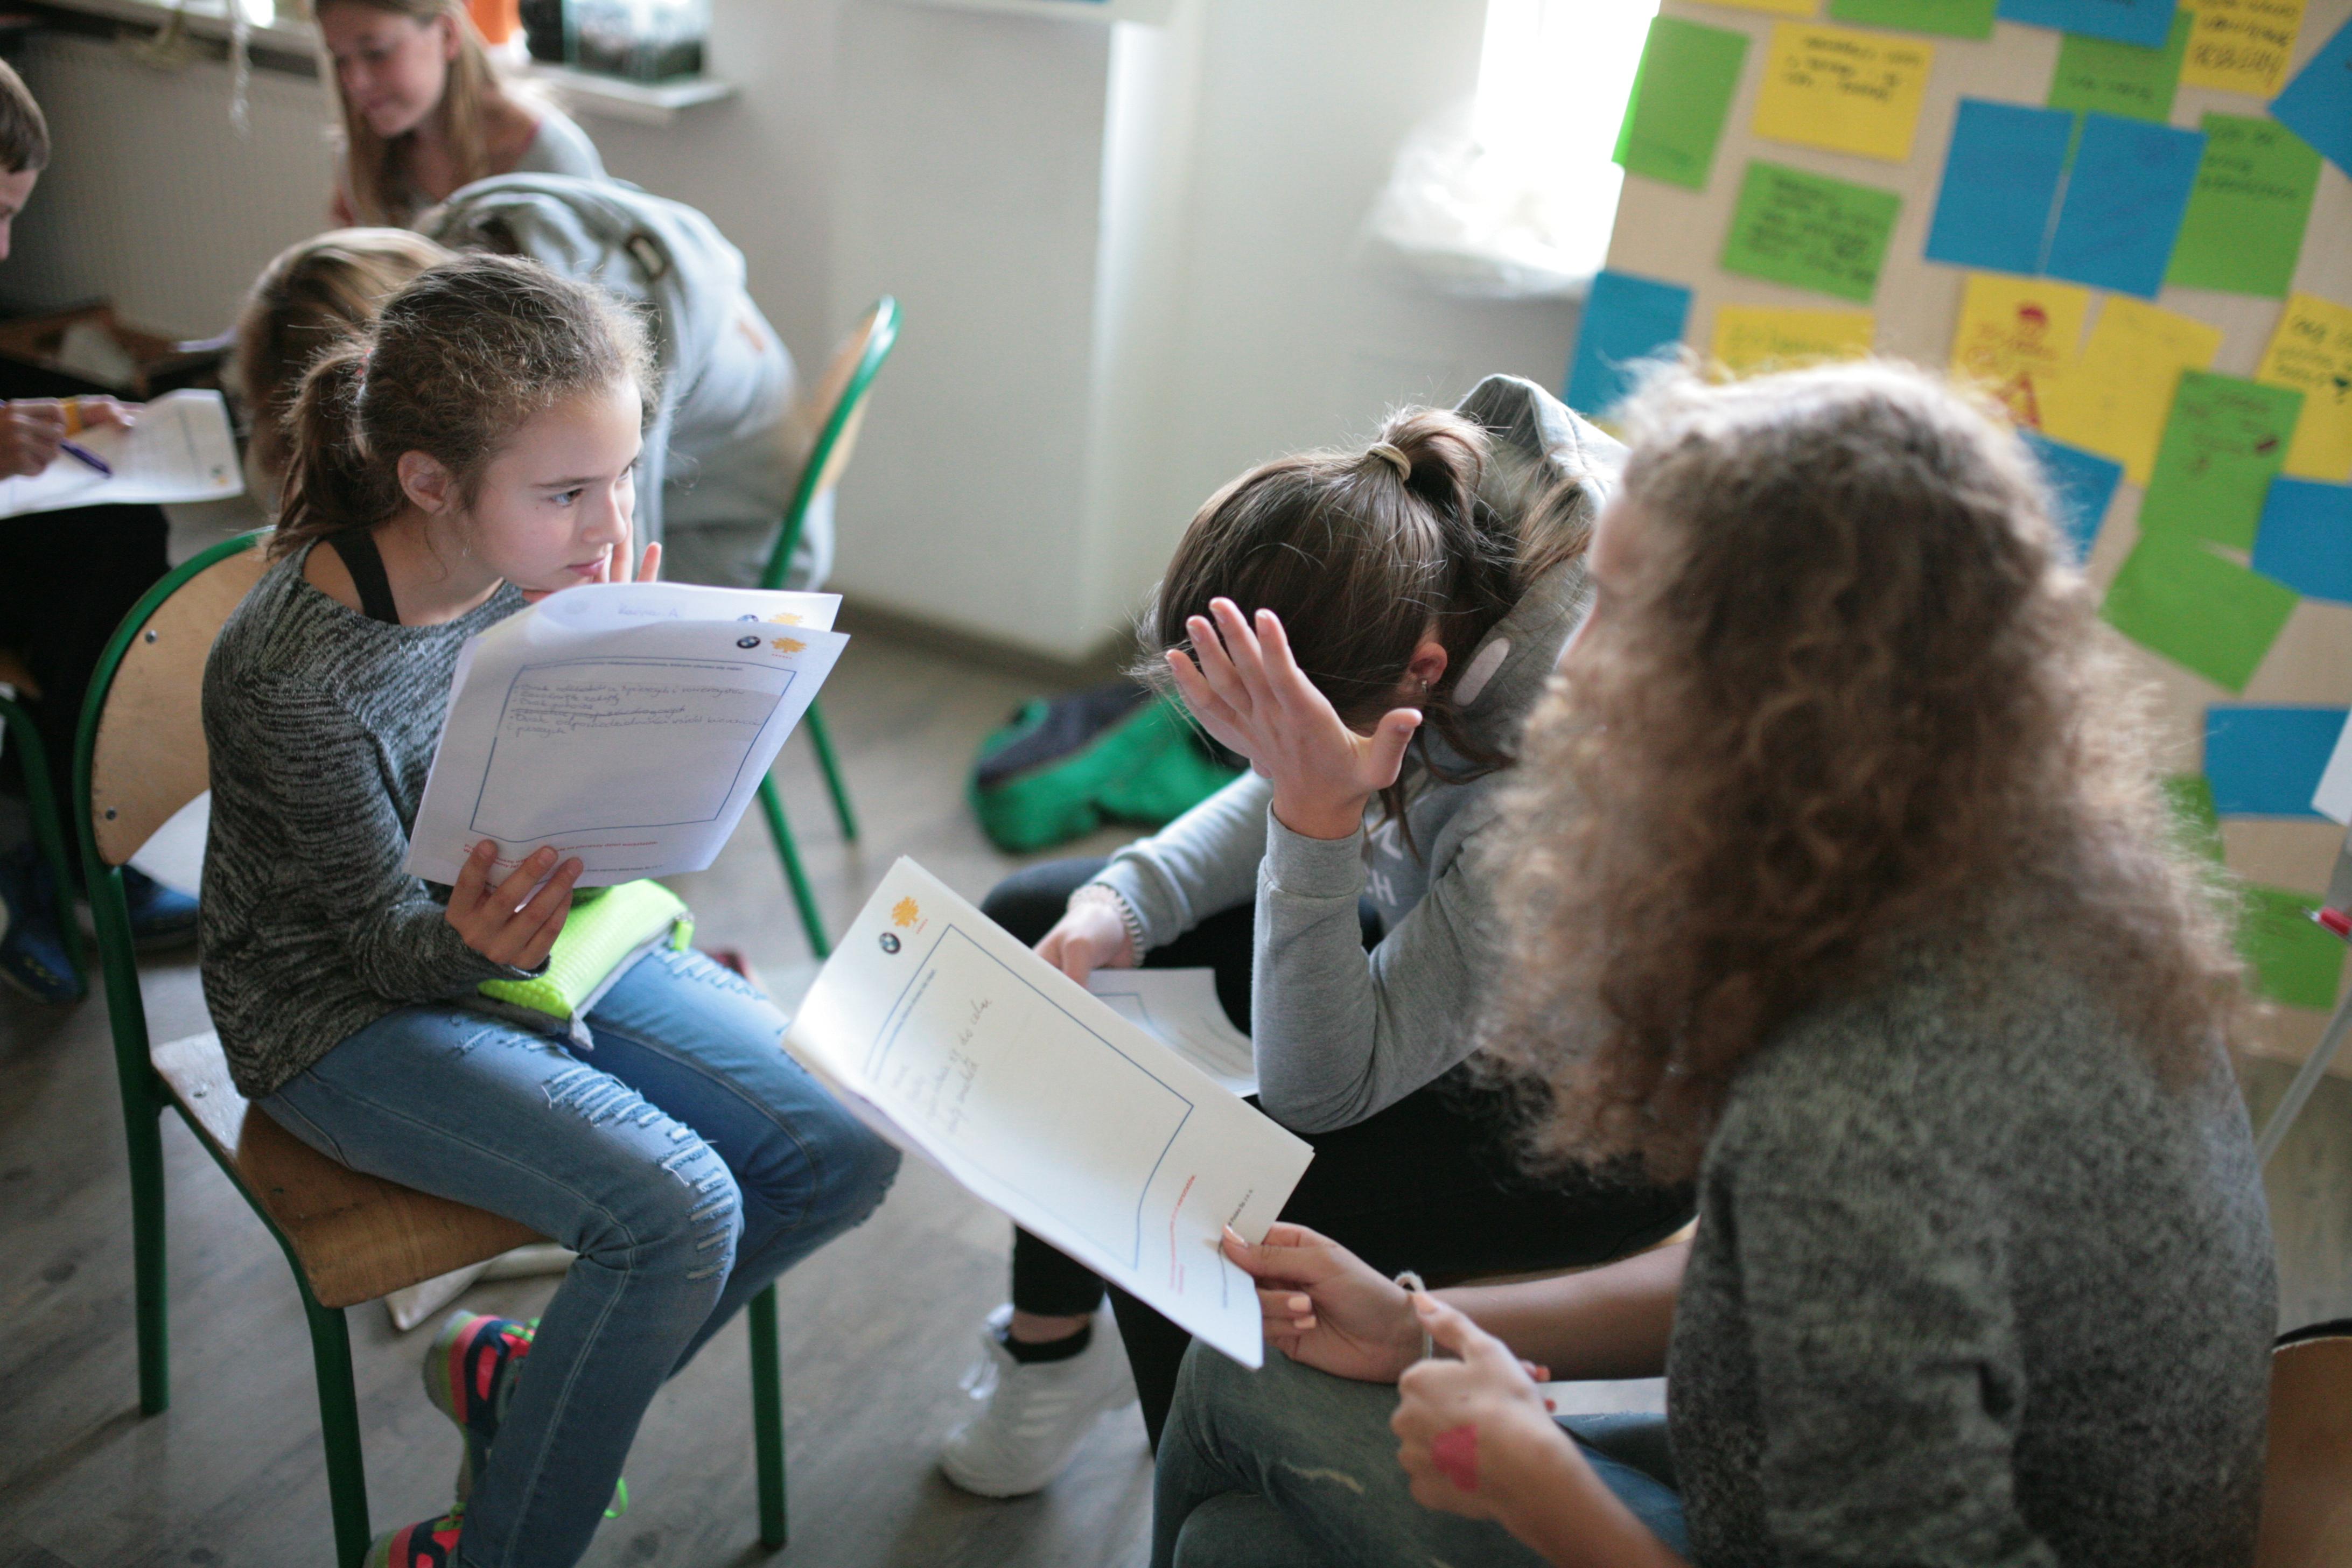 Jesienią w sześciu szkołach w całej Polsce odbędą się spotkania z uczniami doświadczonych innowatorów społecznych z uczniami oraz warsztaty. (fot. mat.pras.)